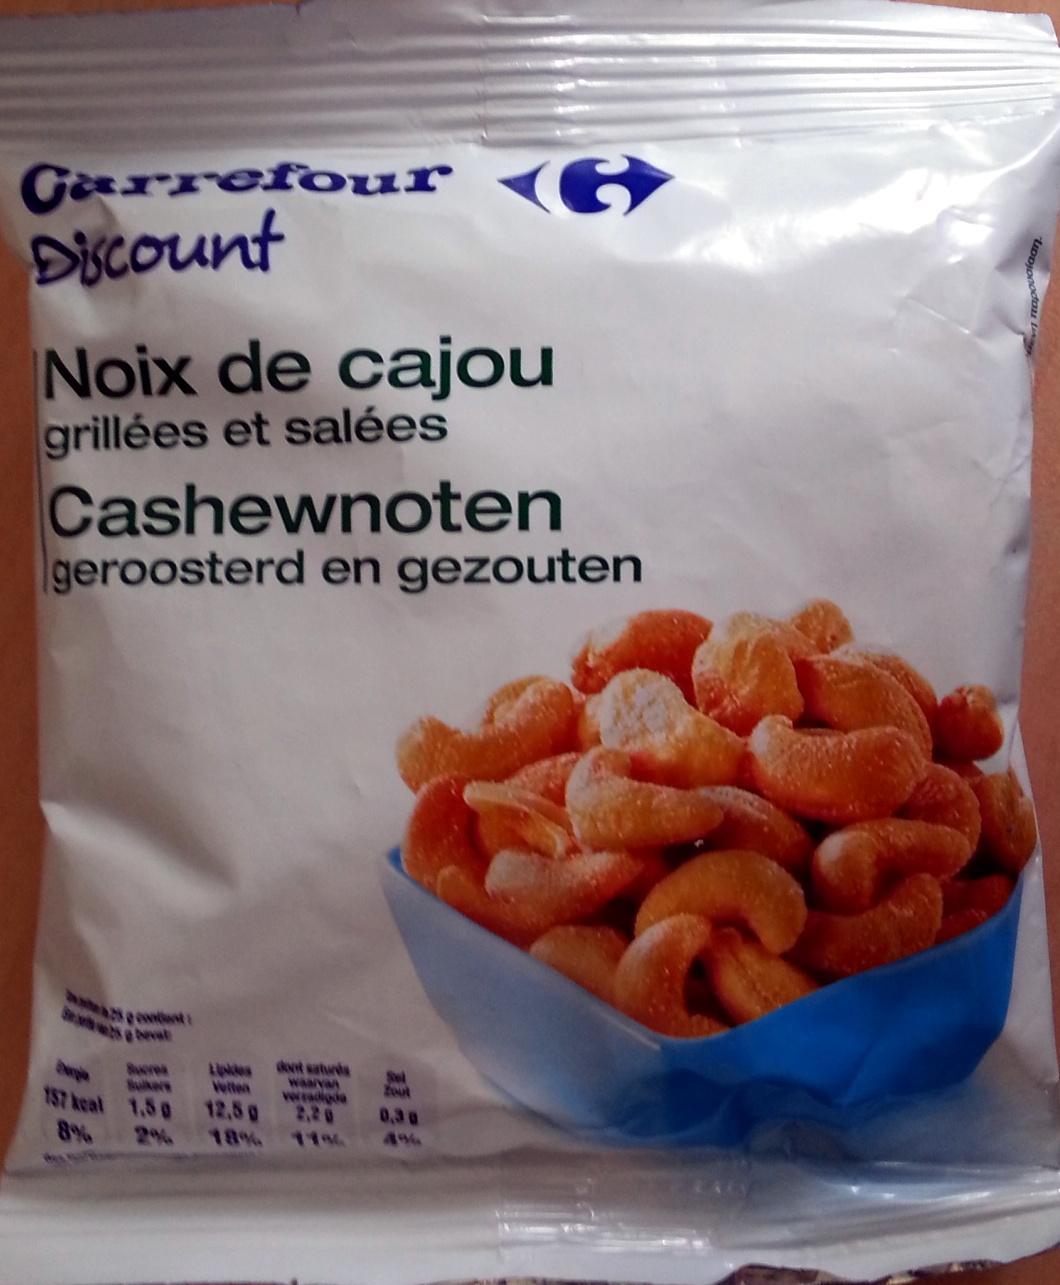 Noix de cajou grill es et sal es carrefour discount 150 g - Noix de cajou grillees salees ...